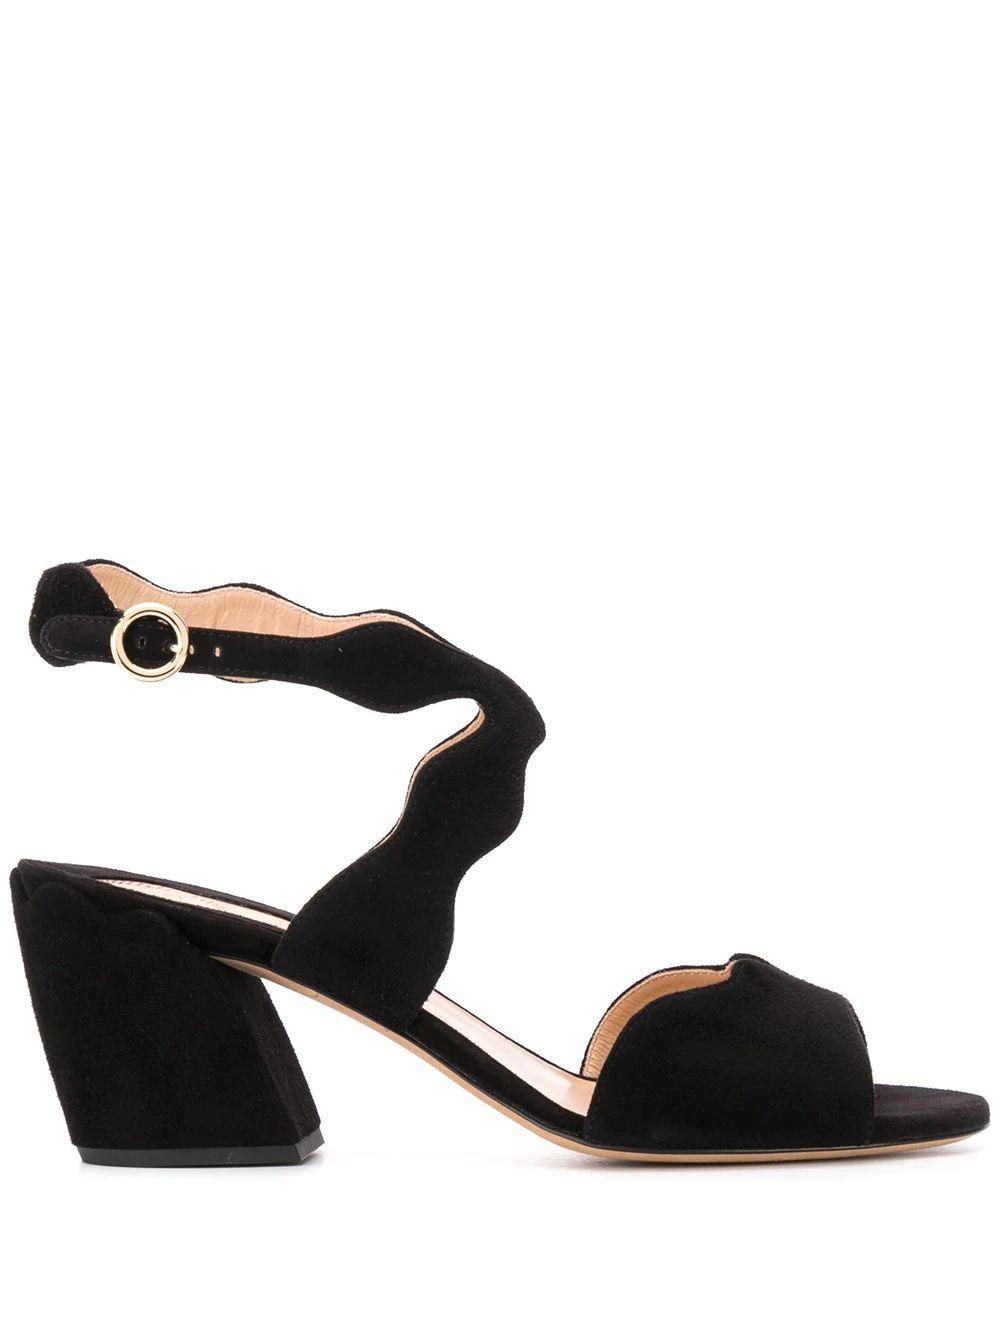 Laurena 60mm Block Heel Sandal